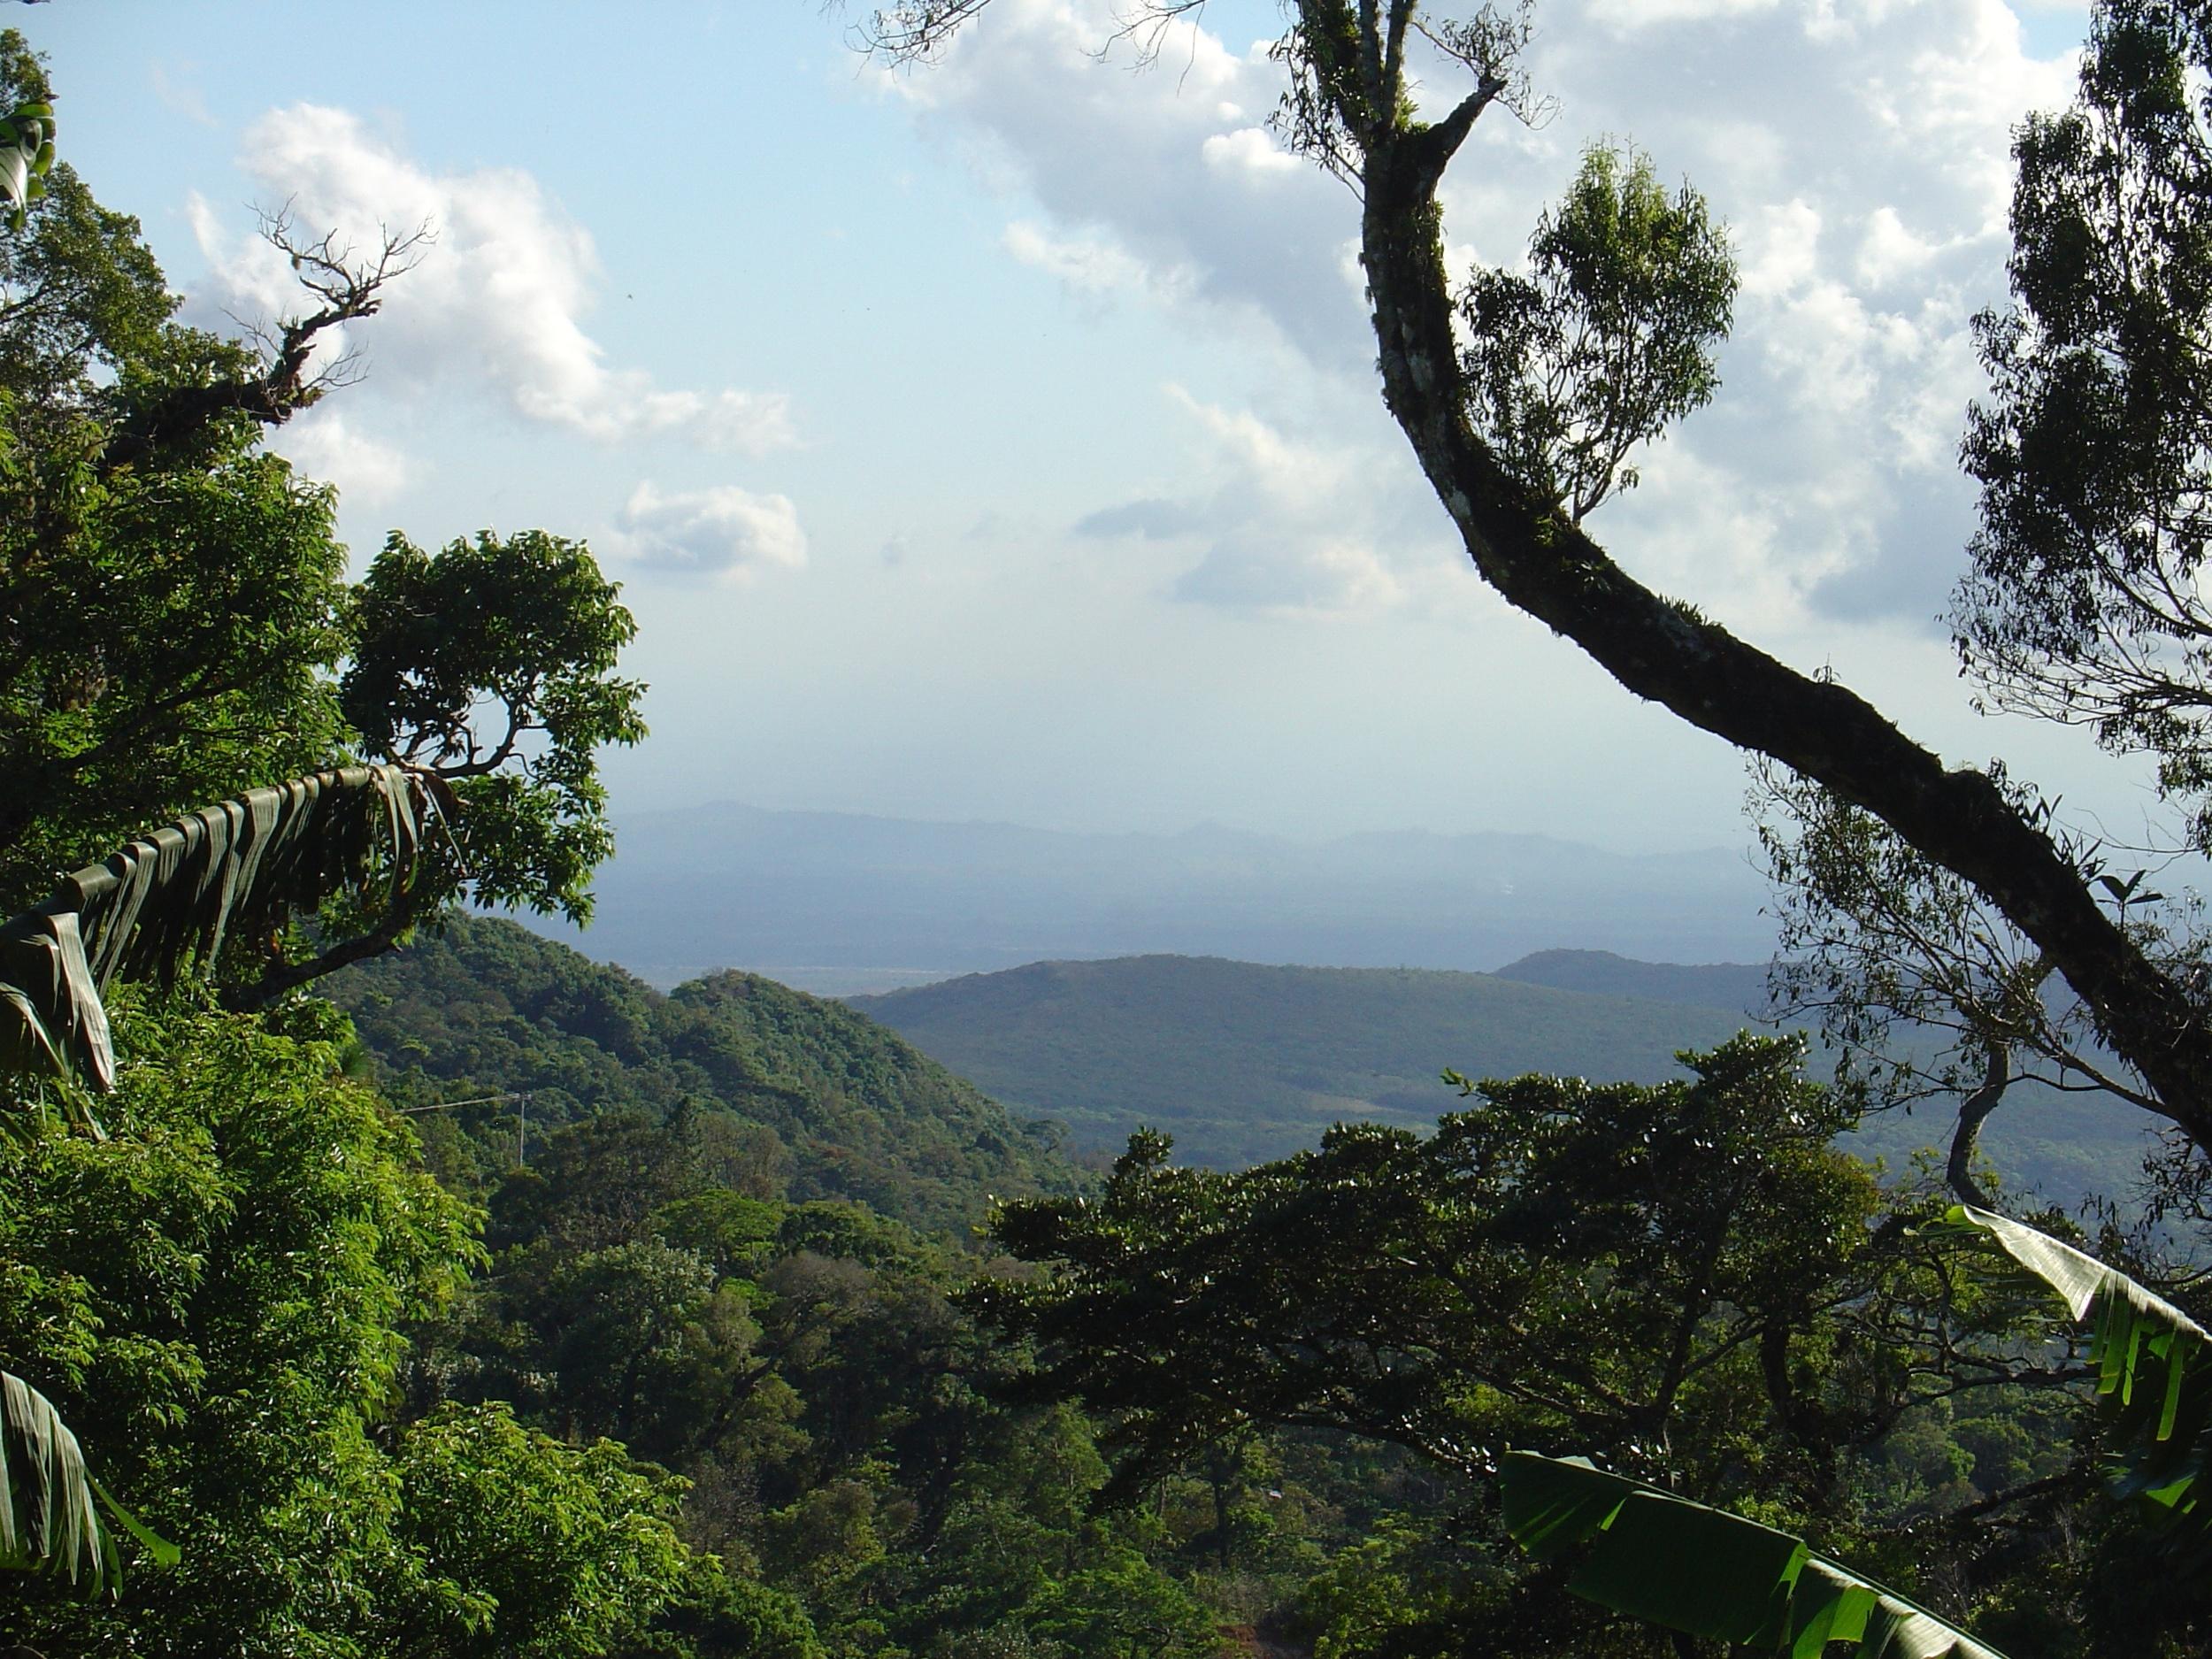 Cloud Forest Medicine